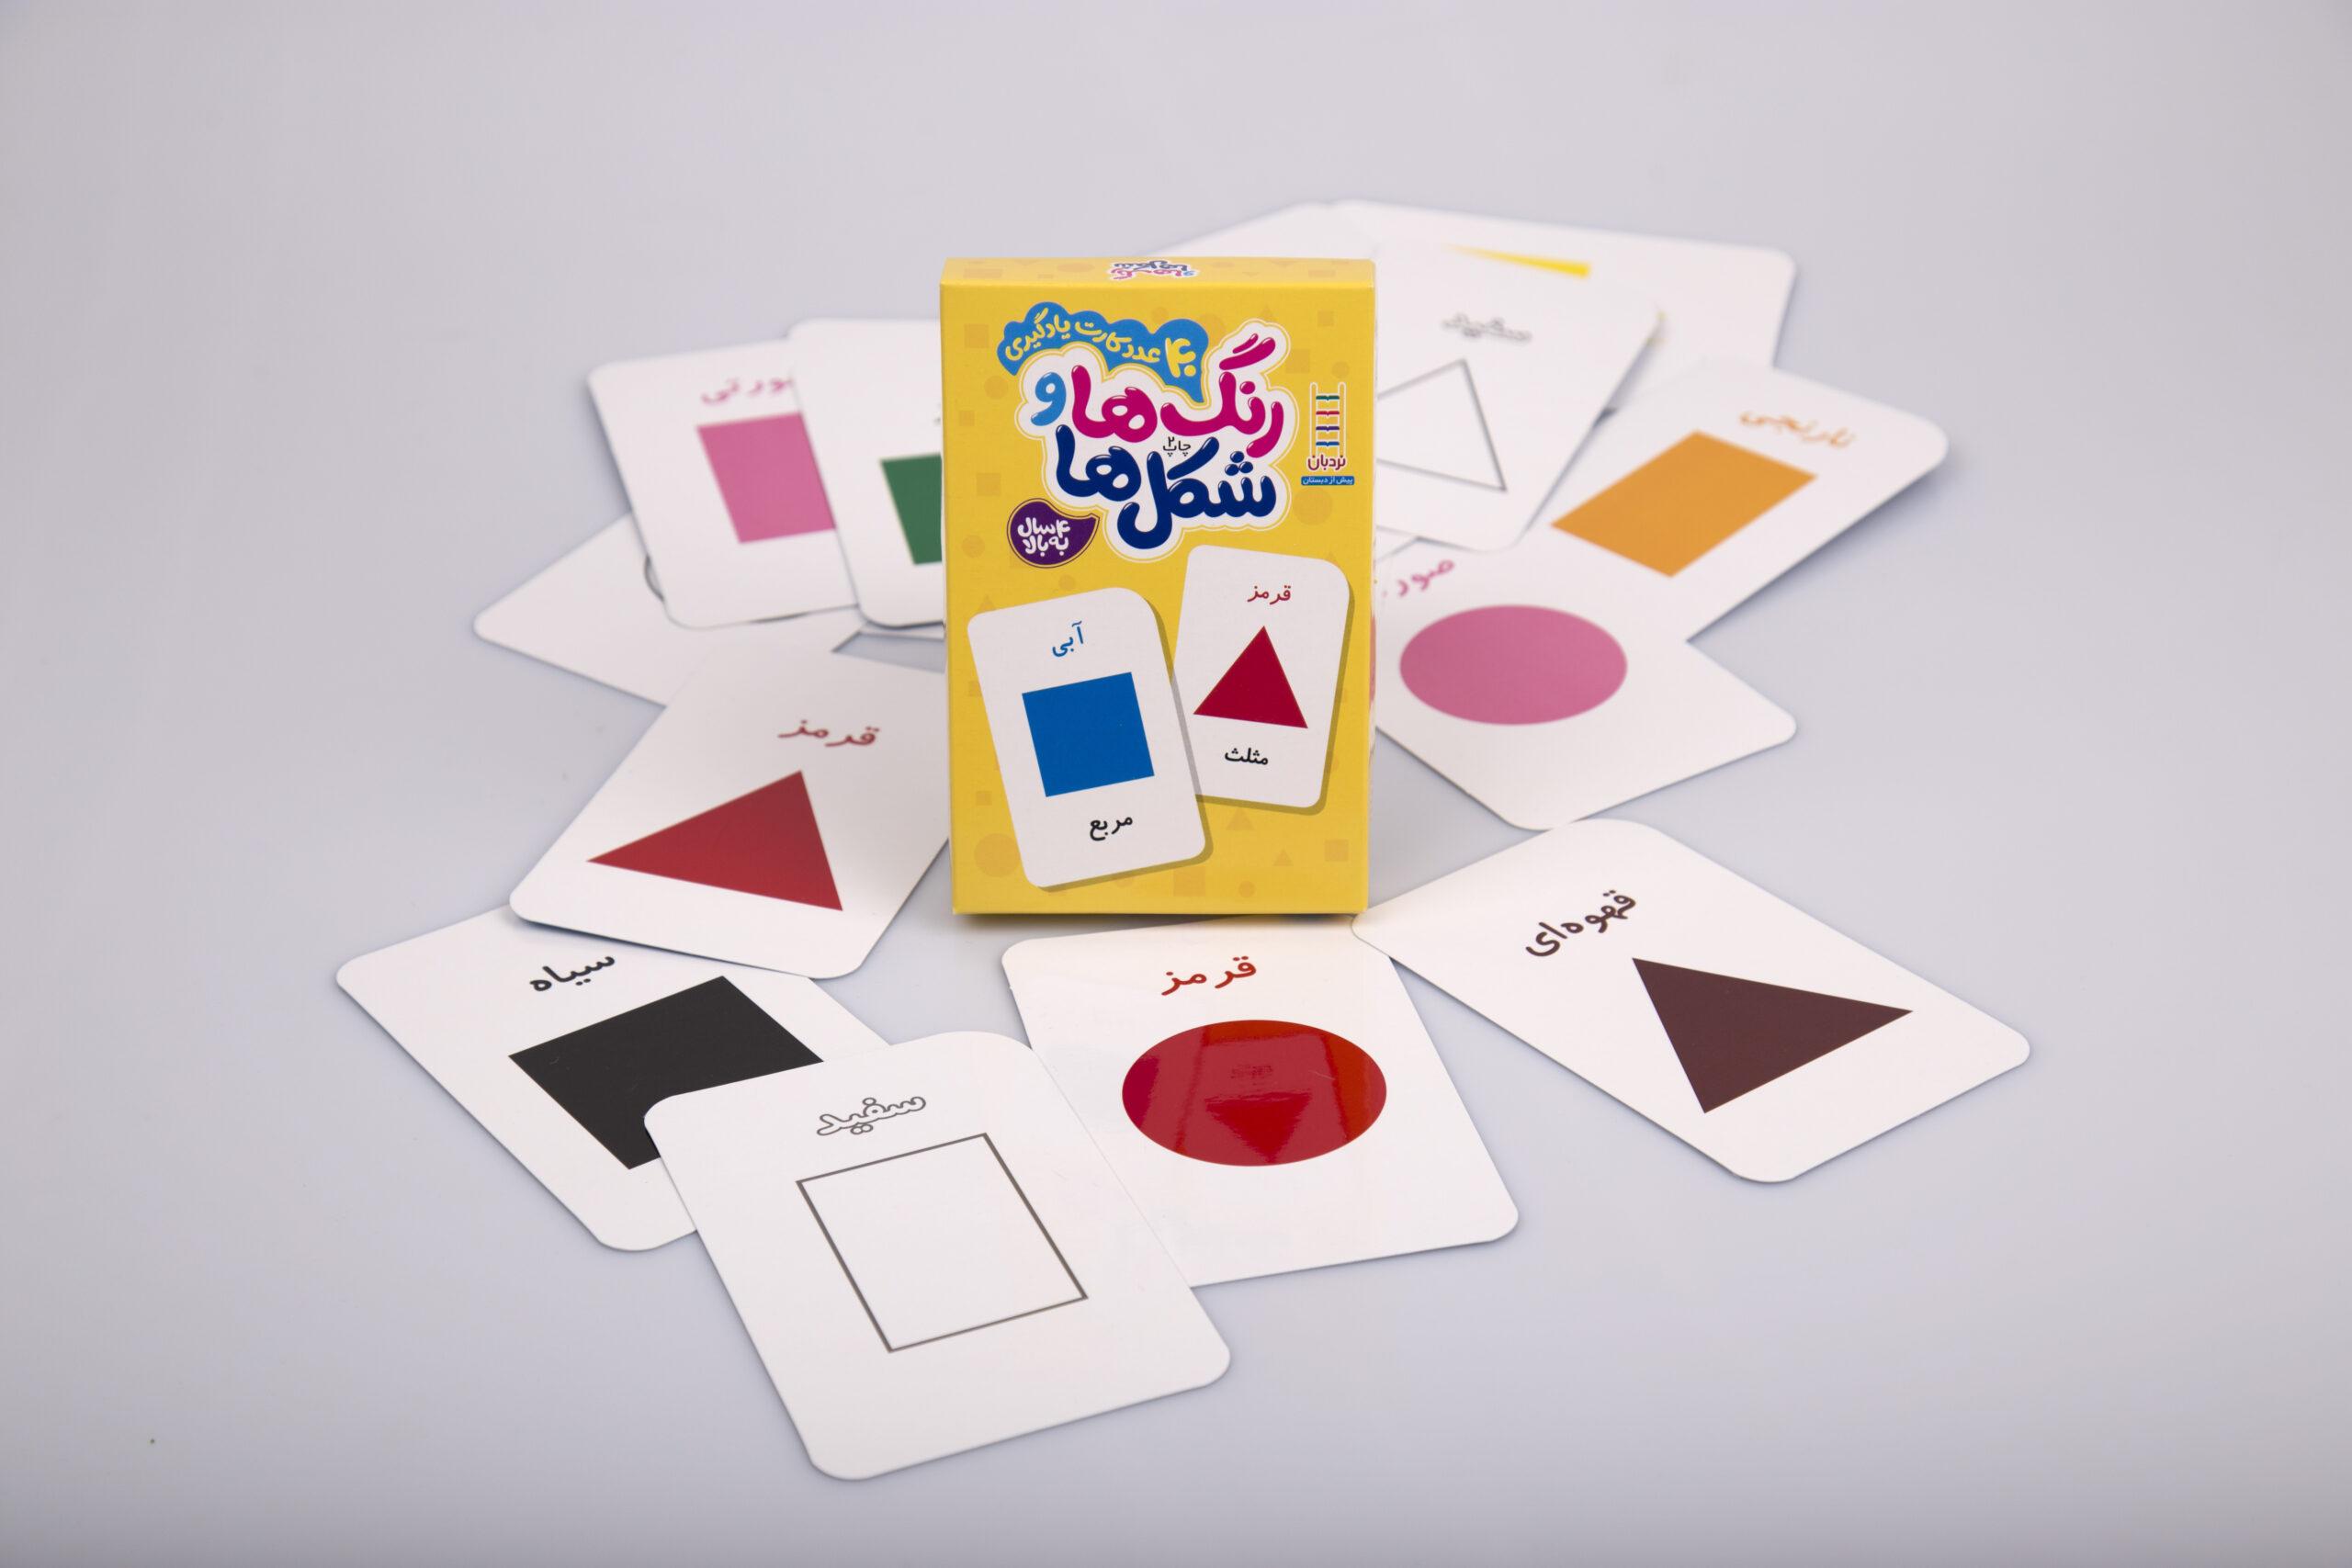 رنگها و شکلها (کارتهای زبانآموزی)